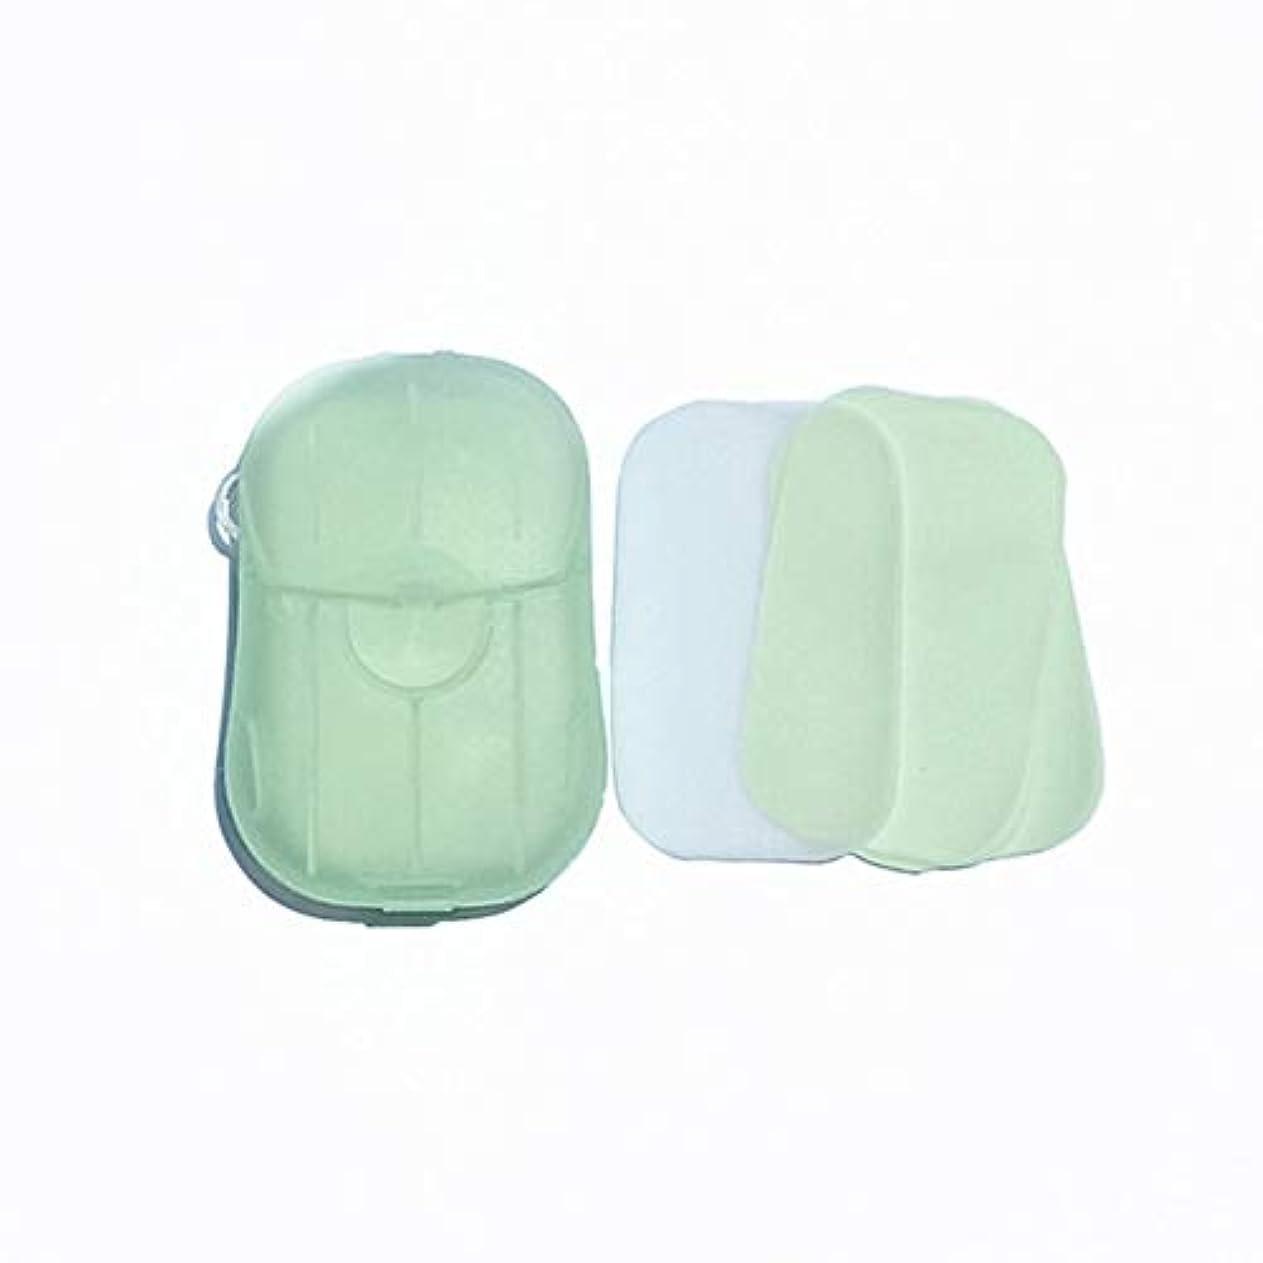 原稿定期的に空のFeglin-joy ペーパーソープ せっけん紙 除菌 石鹸 手洗い お風呂 旅行携帯用 紙せっけん かみせっけん 香り 20枚入 ケース付き(よもぎ)